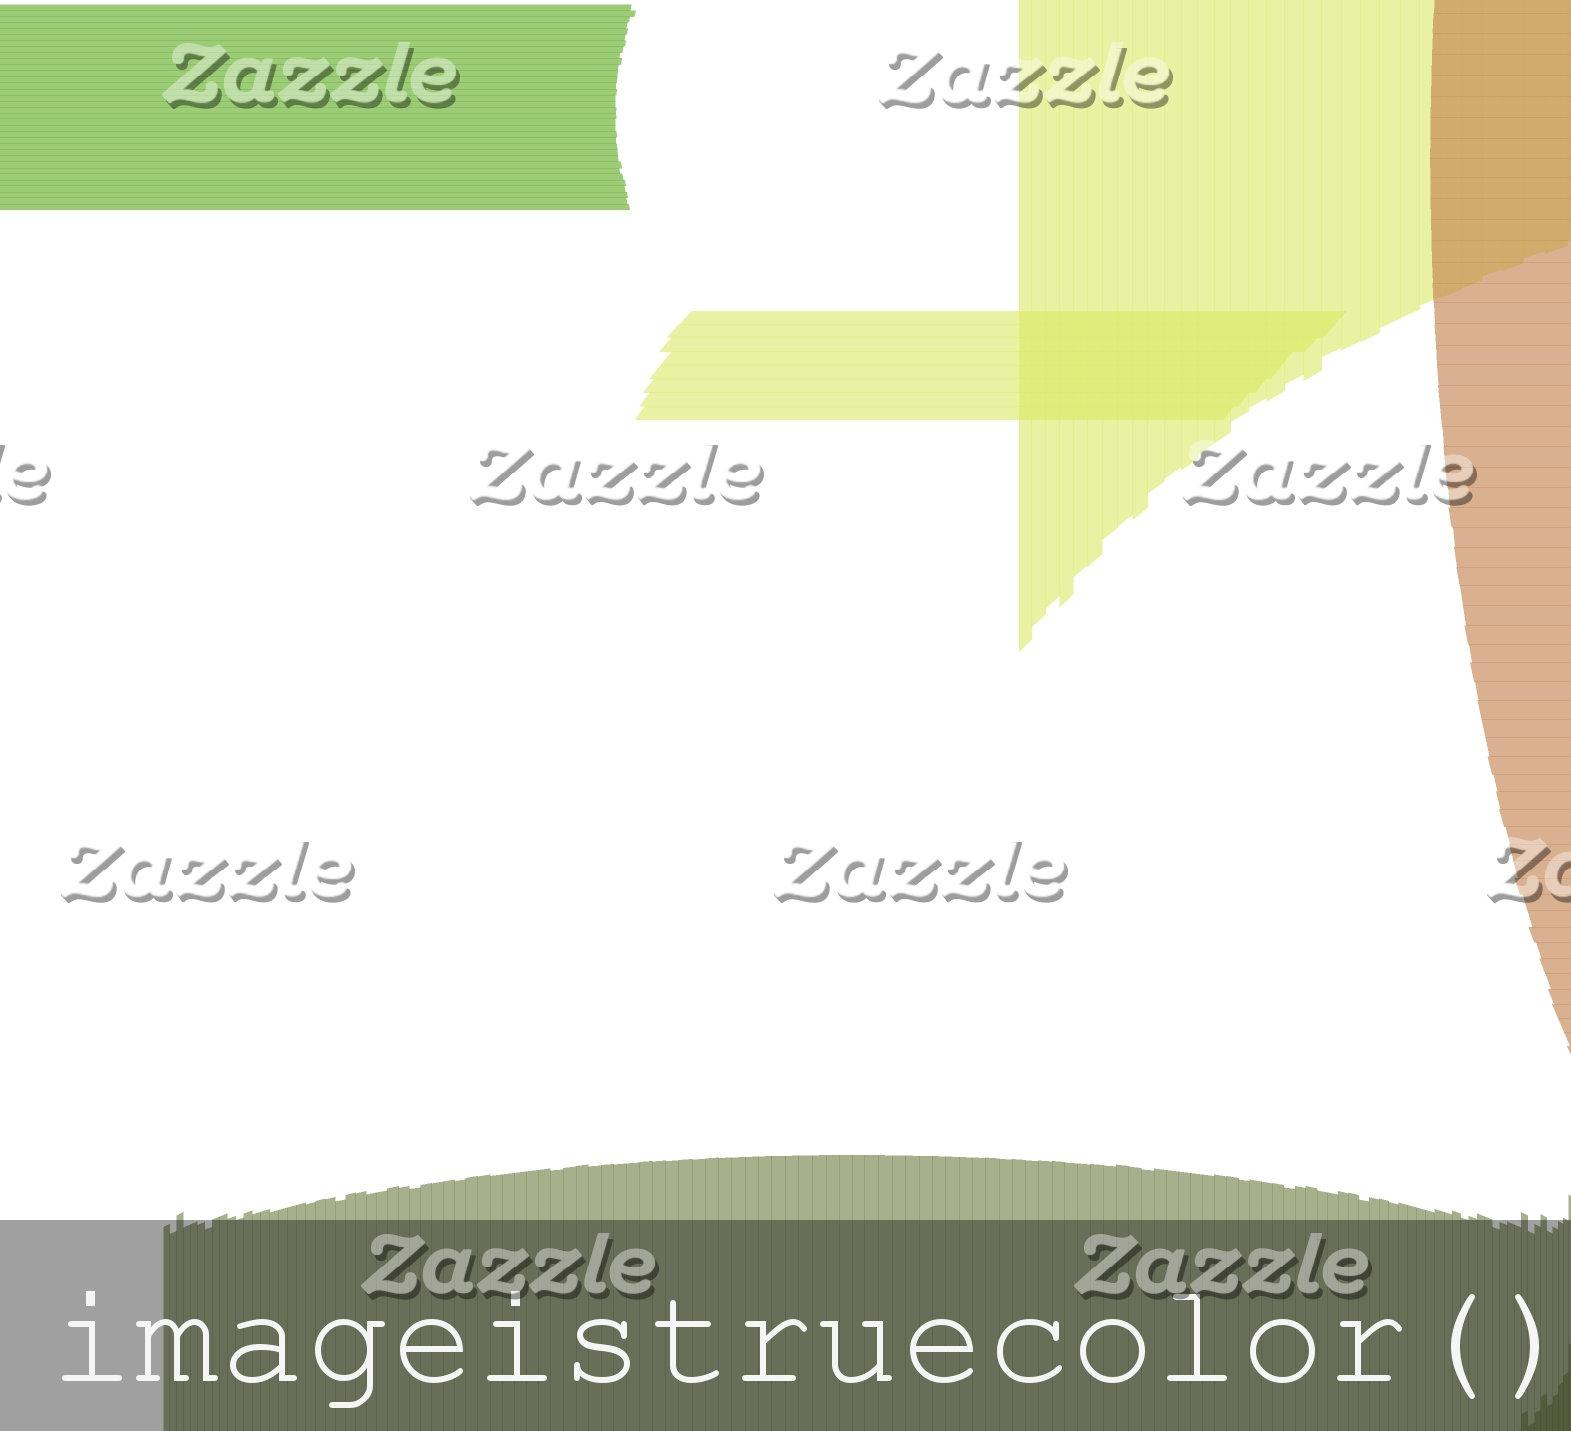 imageistruecolor() Designs